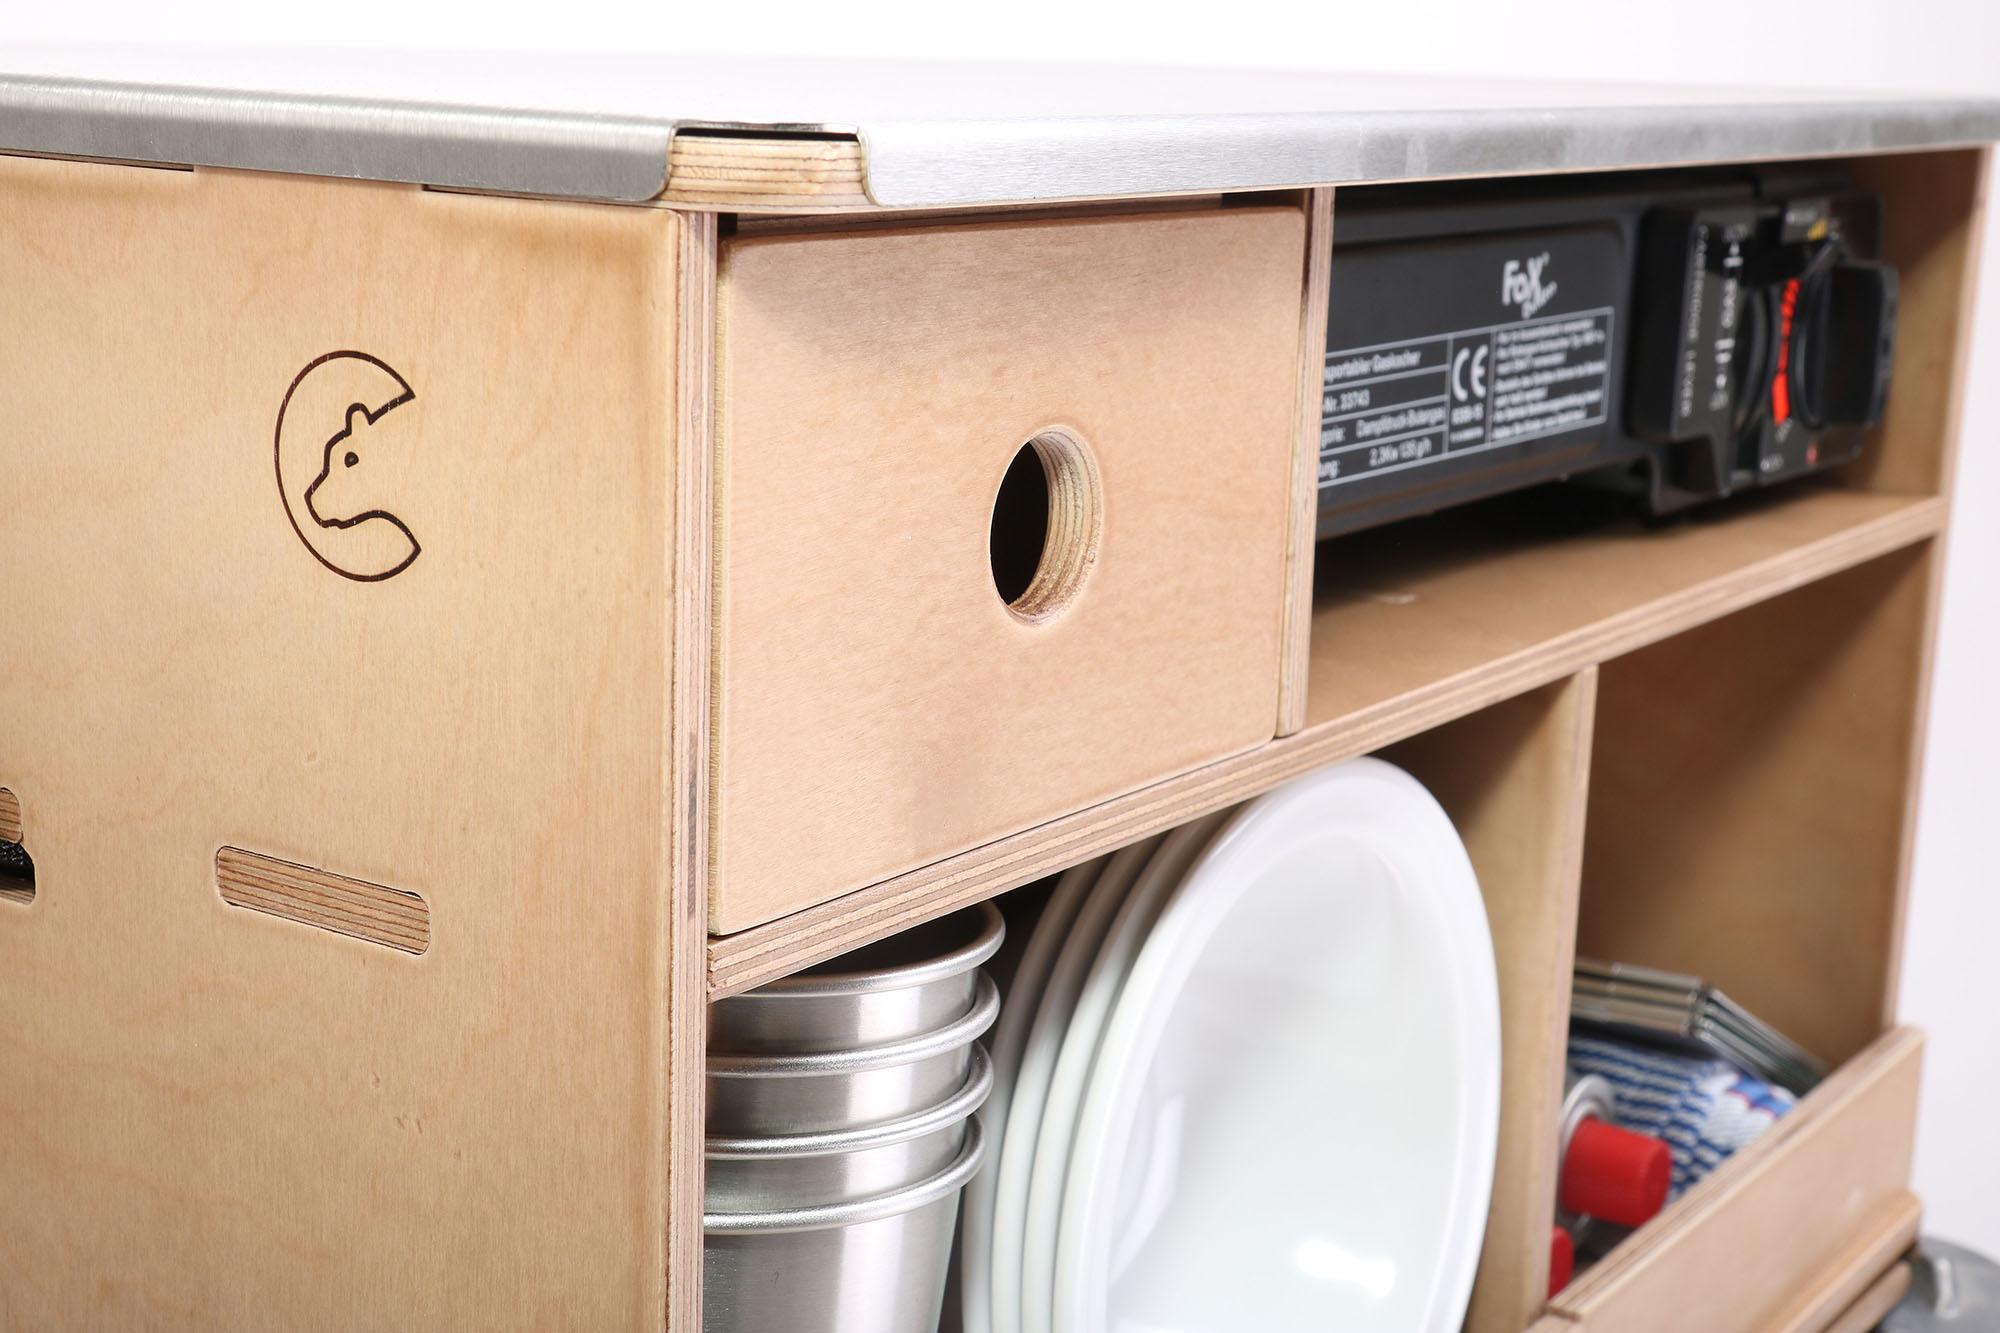 Outdoorküche Zubehör Preise : Outdoorküche zubehör preis: gartenküche und outdoorküche grillen im